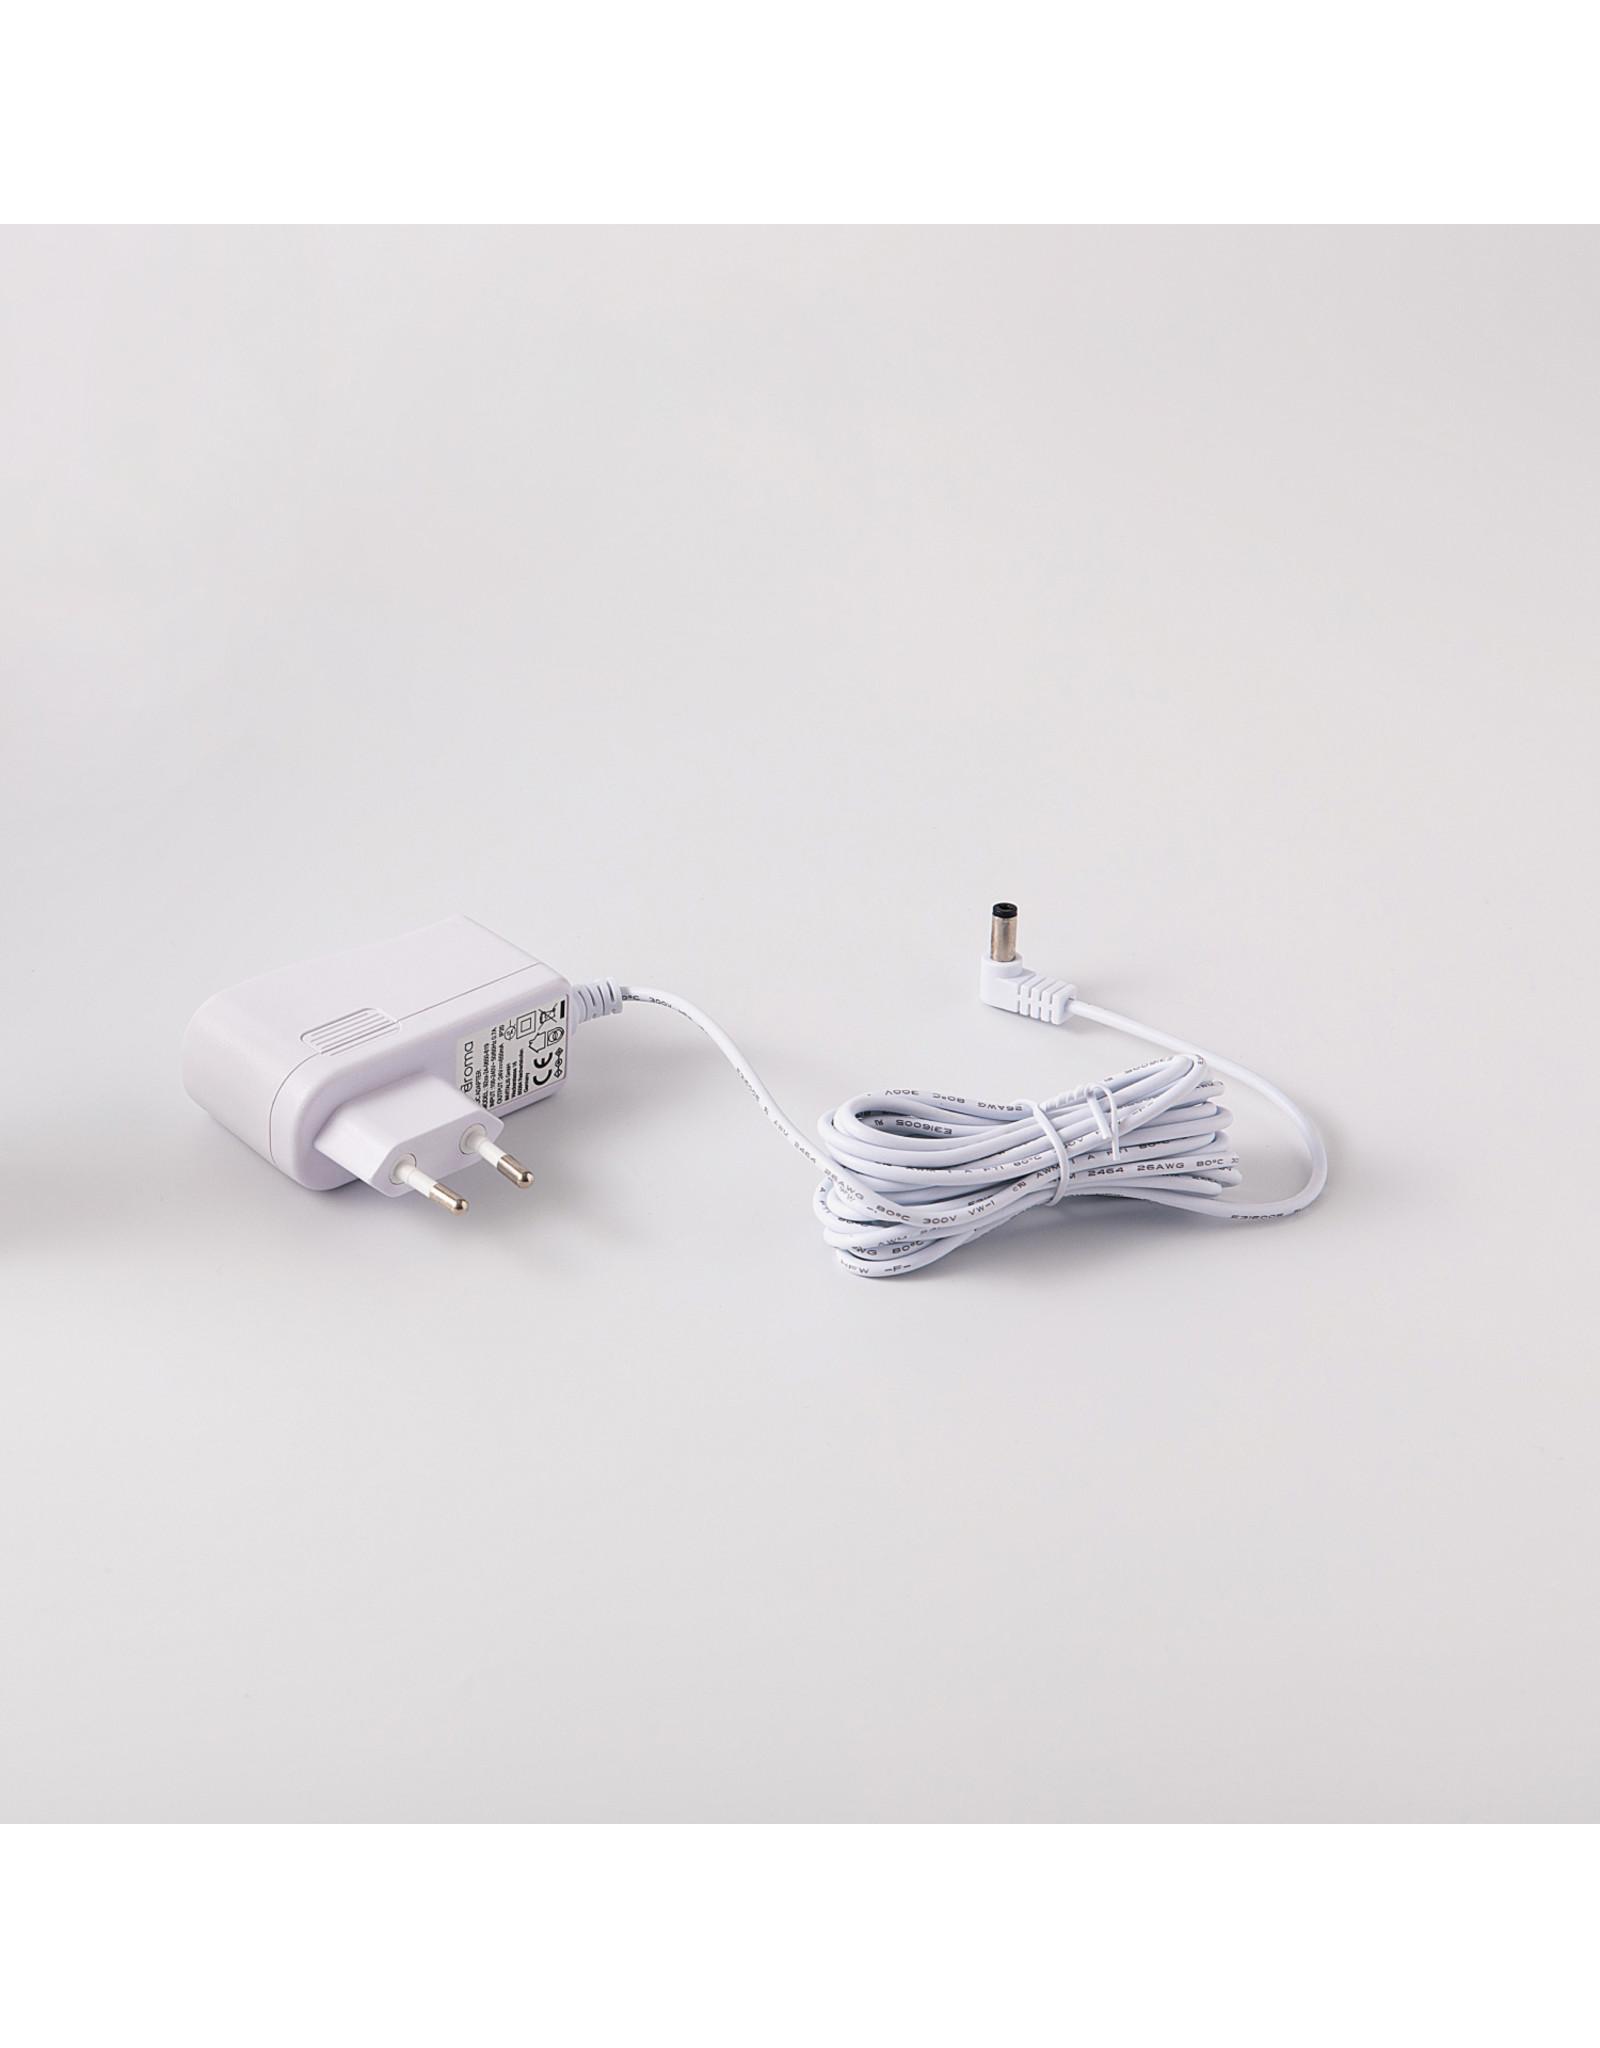 INVITALIS VIVAAROMA 300ml - Mod 2, Weiß